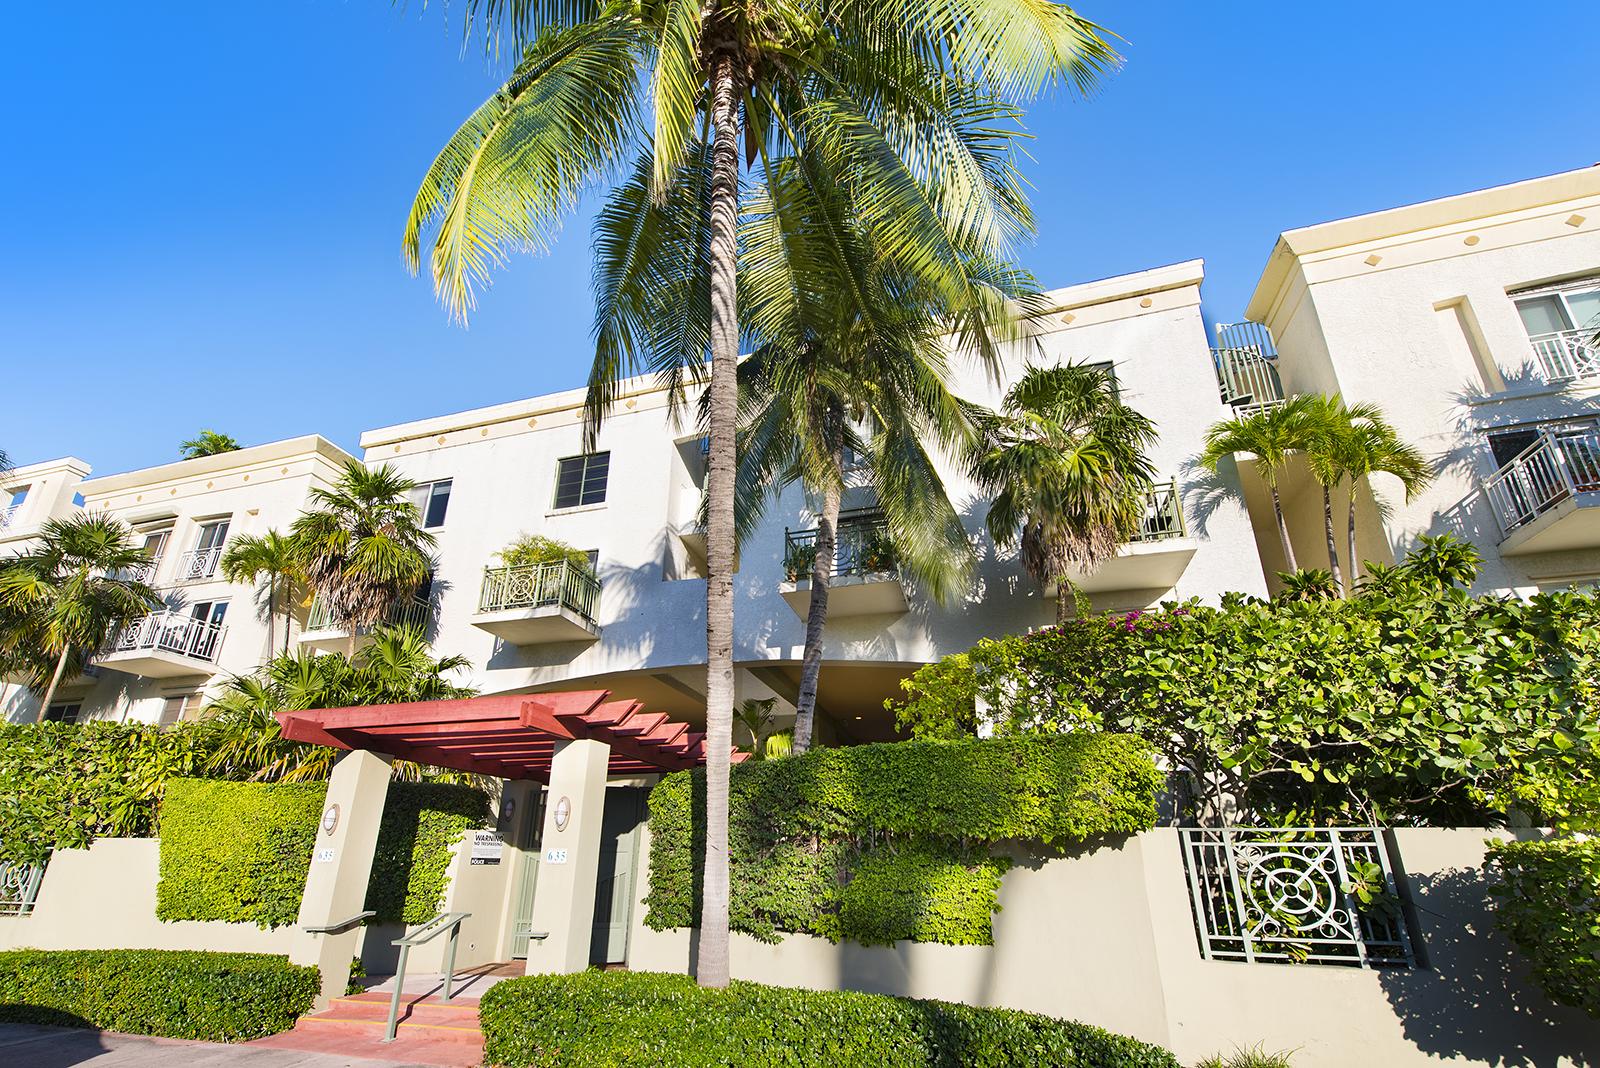 Villas at South Beach #222-01.jpg